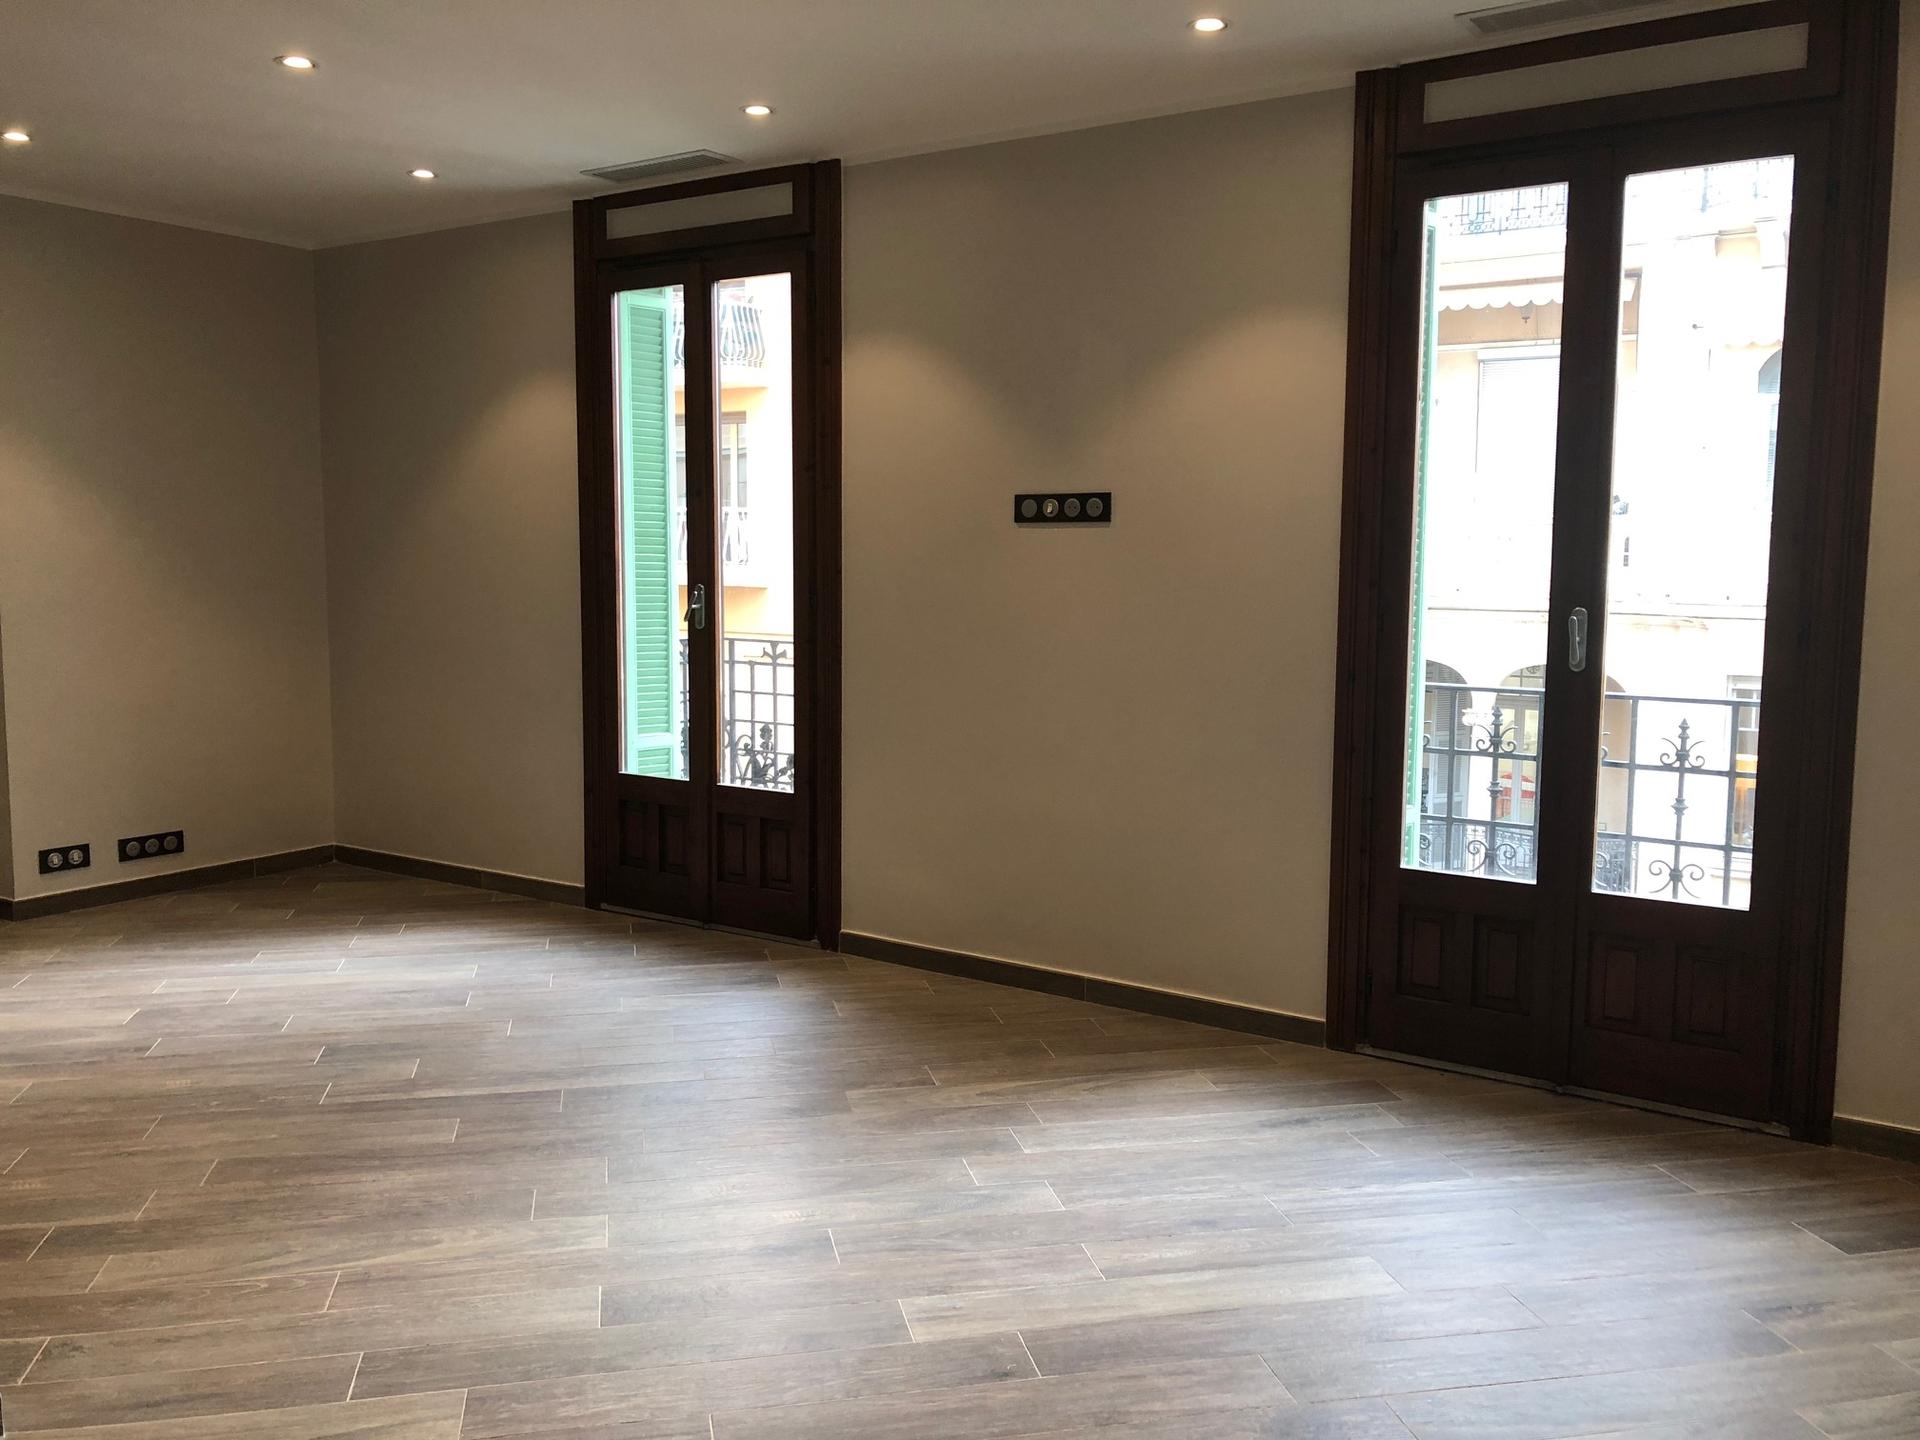 NOUVEAU ! Bureau entièrement rénové - Bureaux à vendre à Monaco